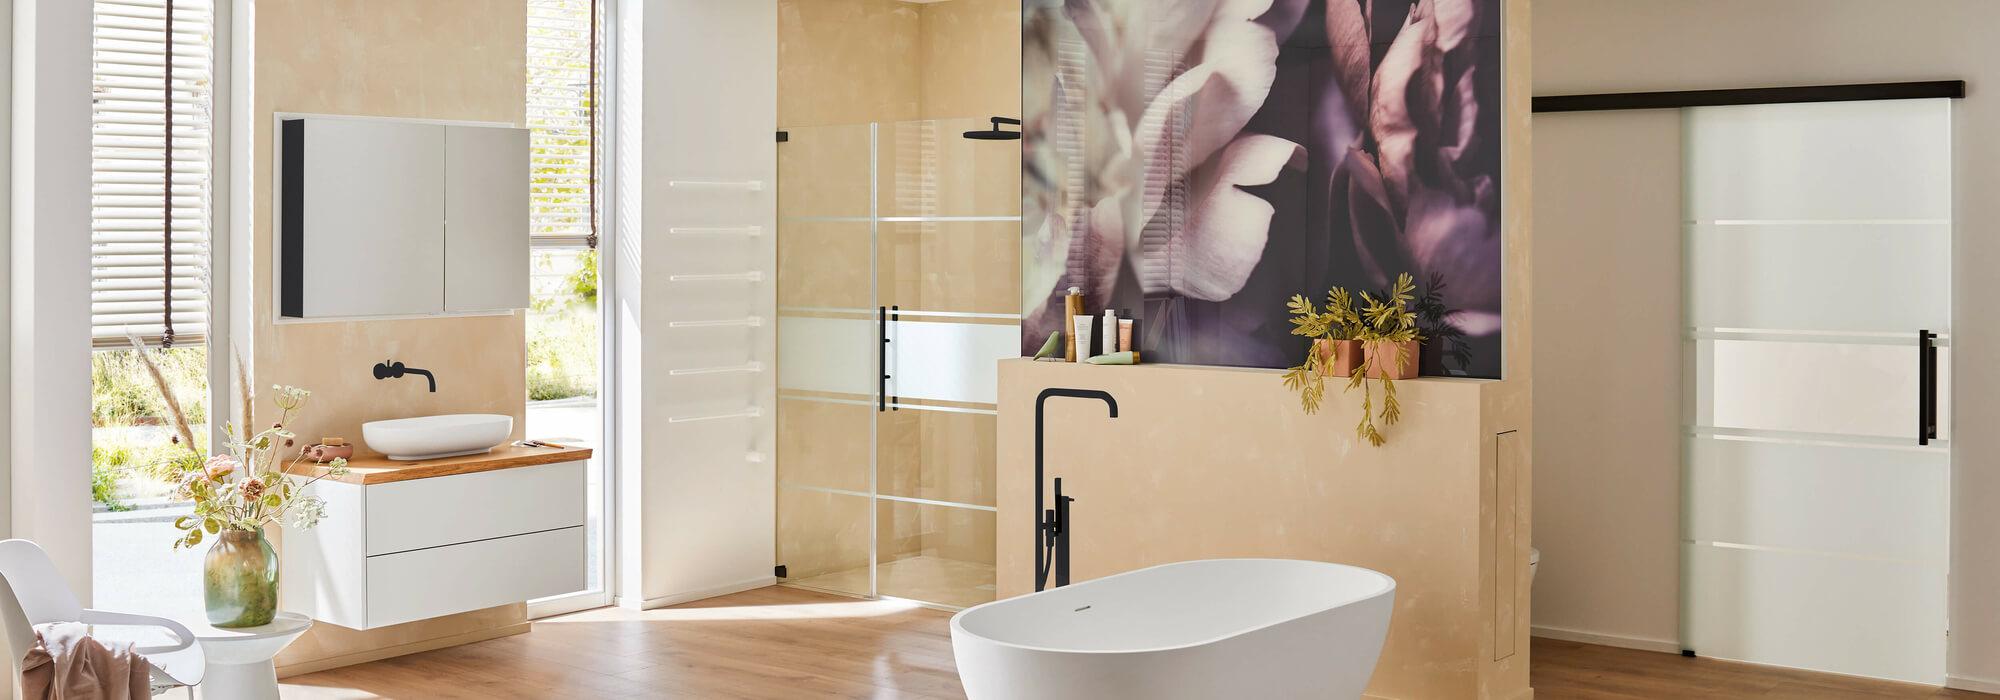 Badewanne auch als Dusche nutzen mit einem Badewannenaufsatz aus Glas von SPRINZ